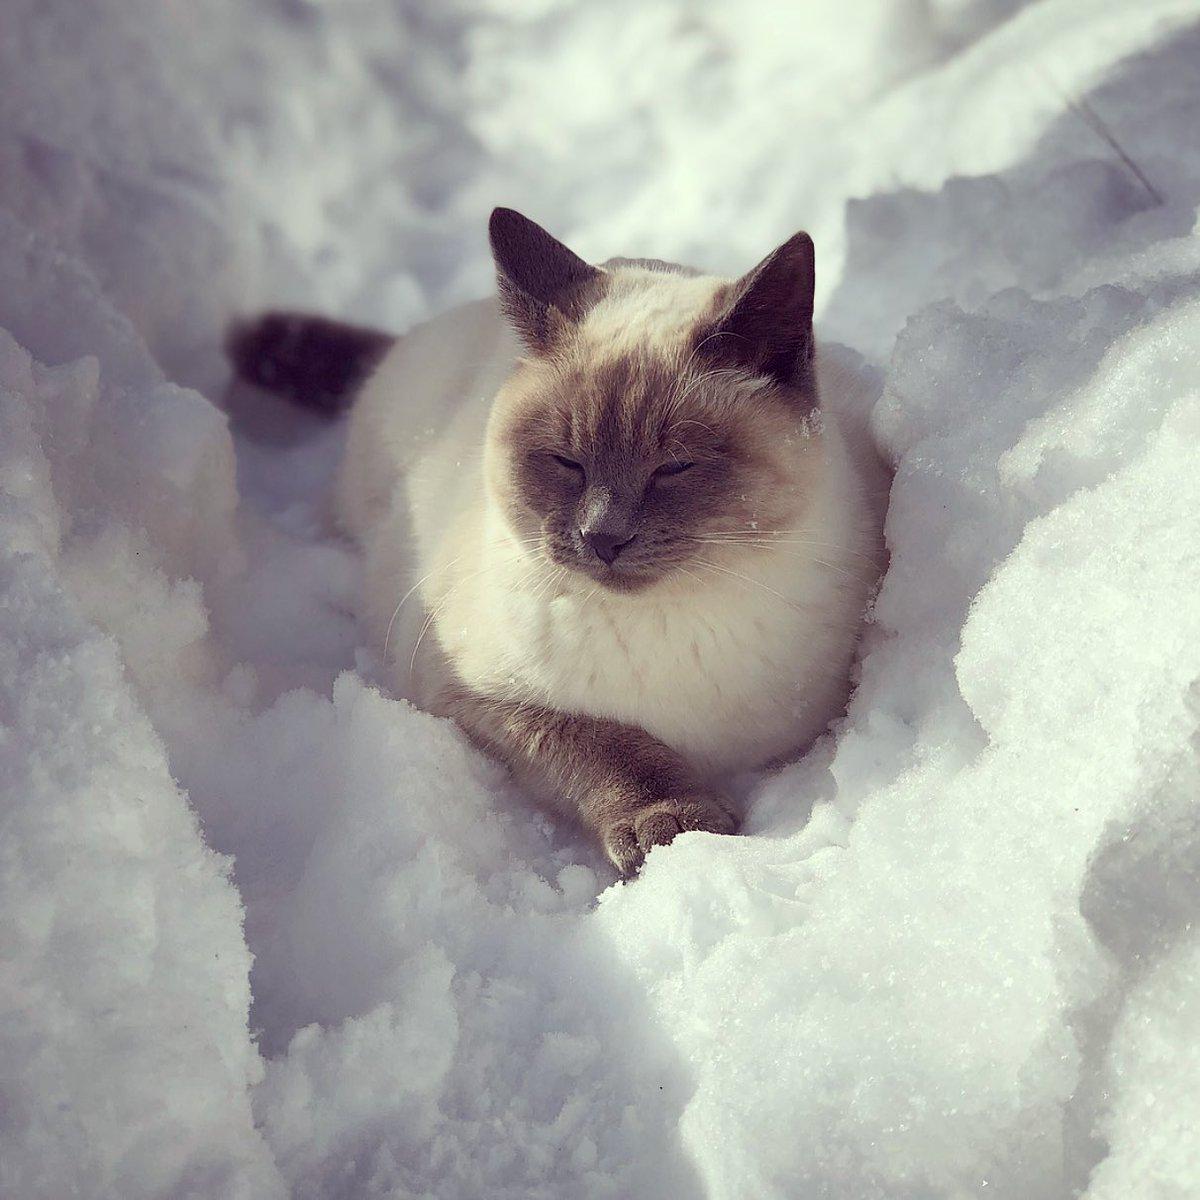 お庭と家の中を行ったり来たり…雪を存分に楽しむ猫たち。 (゚ー゚*)。oO(つよい…。。)